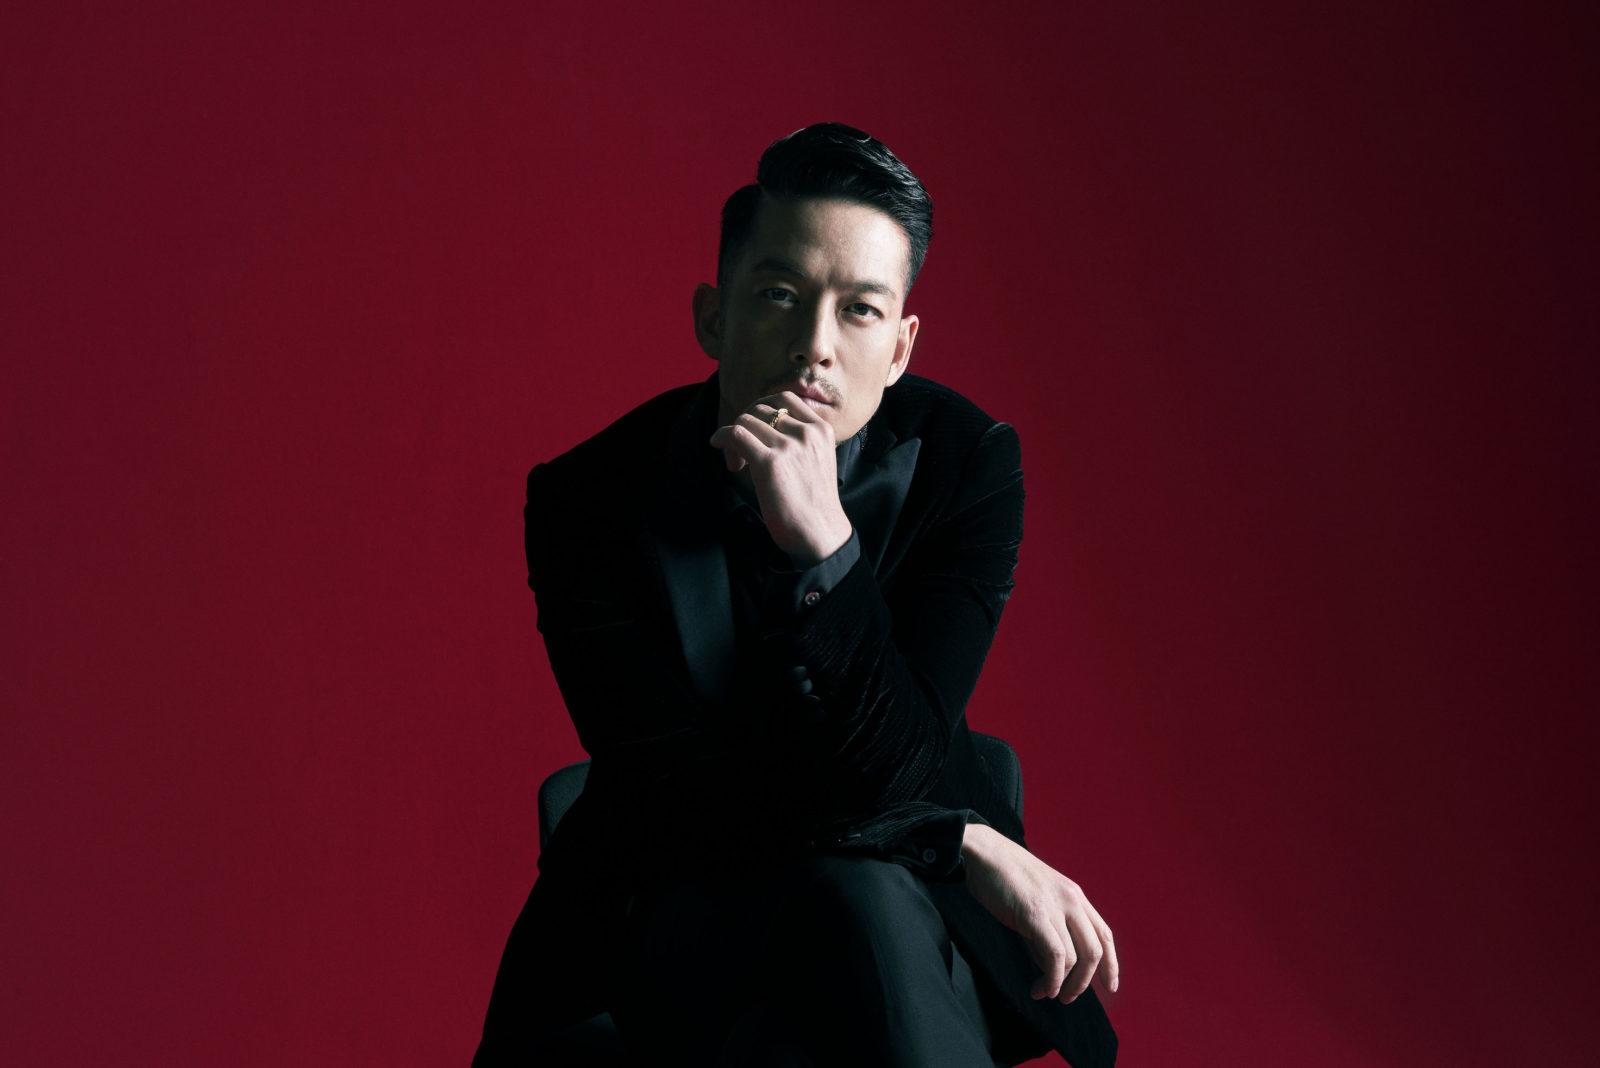 清木場俊介、2年半ぶりのホールツアー『CHANGE』を映像化&40歳のバースデーサプライズも収録サムネイル画像